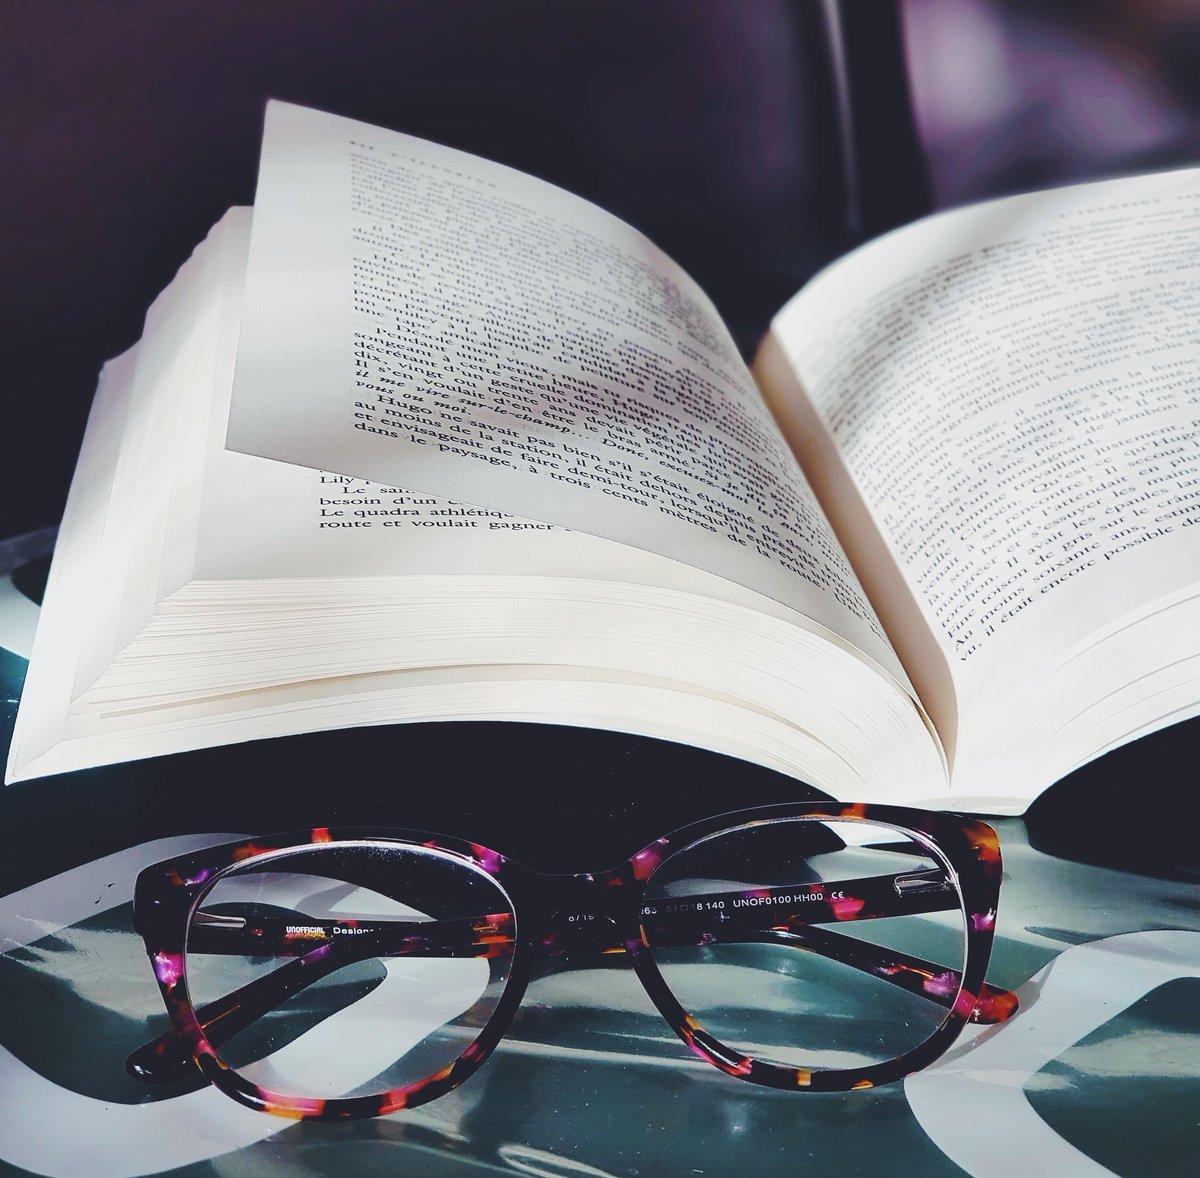 ~ LECTURE DU MOMENT ~ En pleine lecture de L'Illusion le dernier livre de Maxime Chattam et comme a chaque fois je suis aspirée dans son monde et je vis l'histoire comme si j'y étais quelque soit le sujet ! @ChattamMaxime #lillusion https://t.co/V7H0gP1Qgl